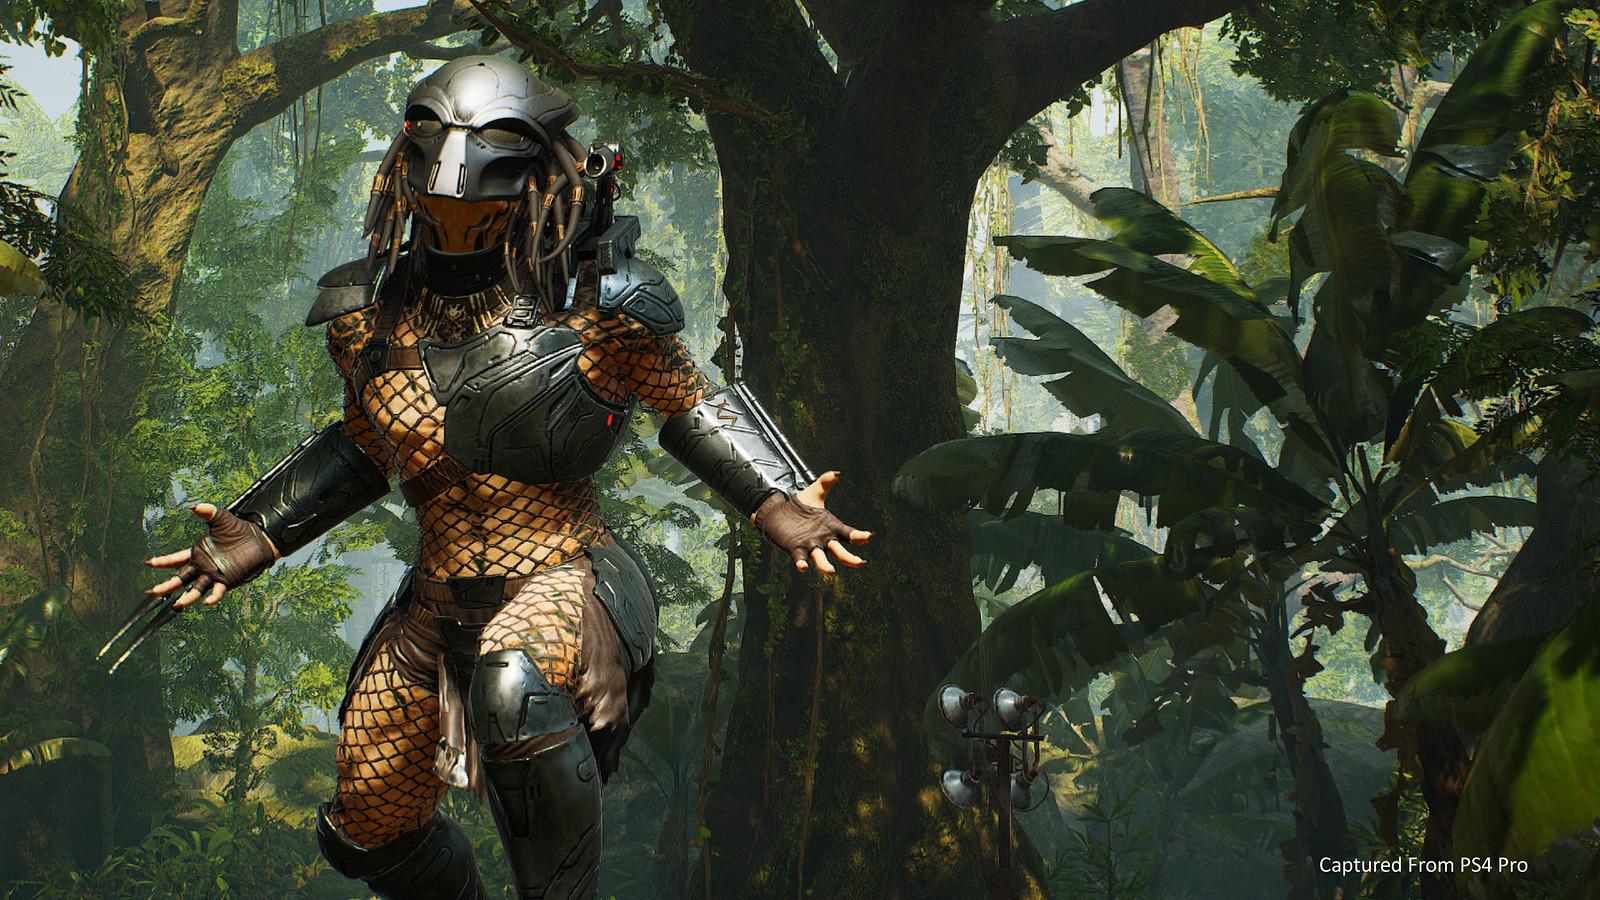 49698245431 13cf8ce1b4 h - Mit diesen Gameplay-Tipps seid ihr gewappnet für das Testwochenende von Predator: Hunting Grounds